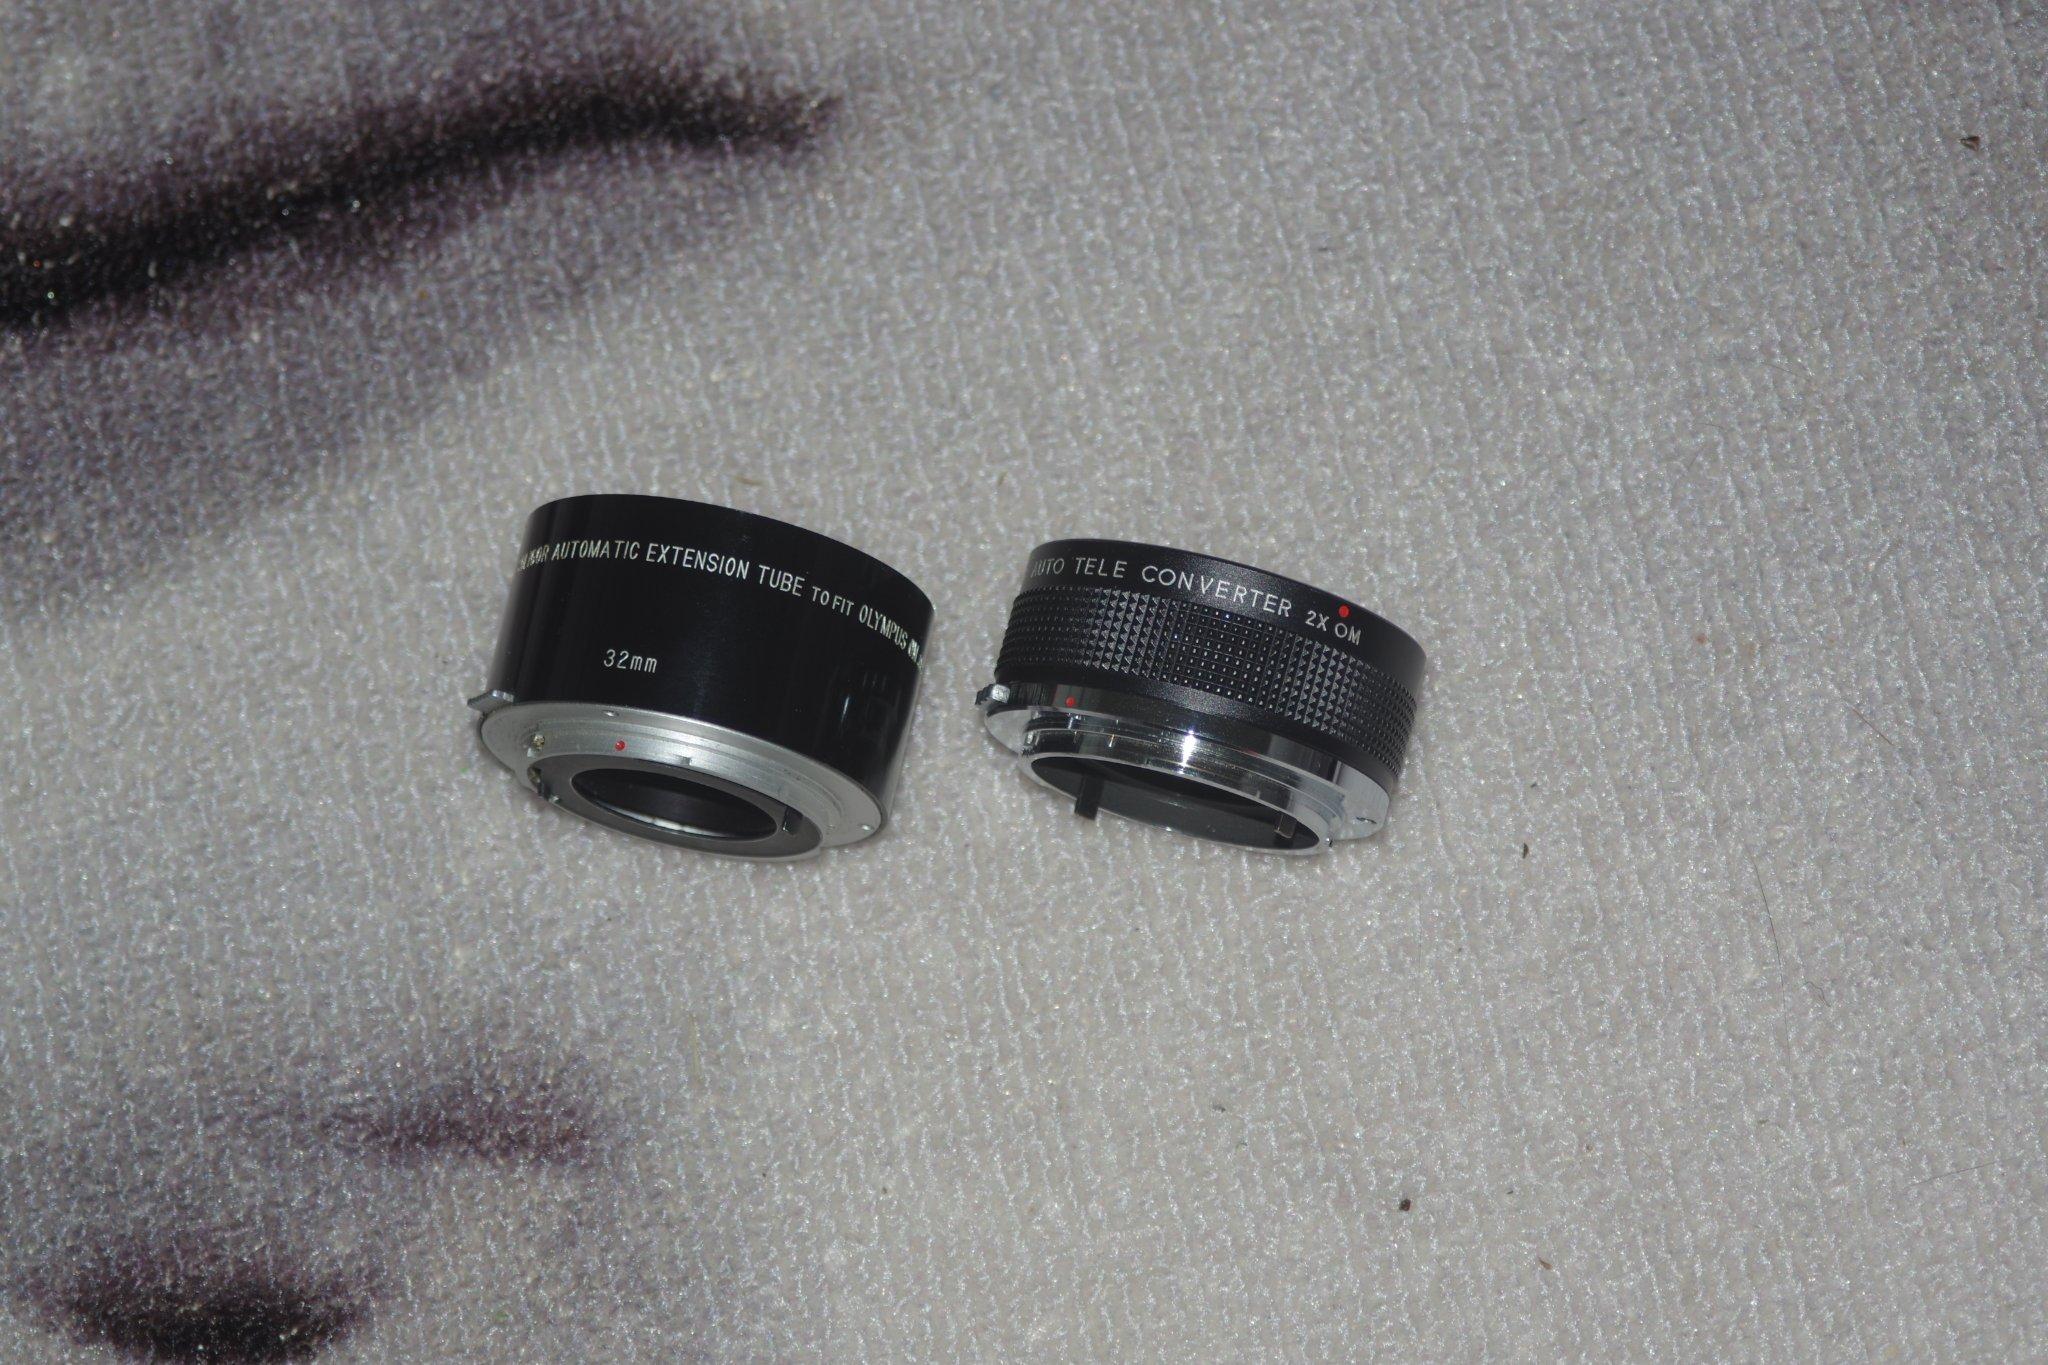 2st OM fattning Soligor Extention Ring 32m + Pa   (355603418) ᐈ Köp